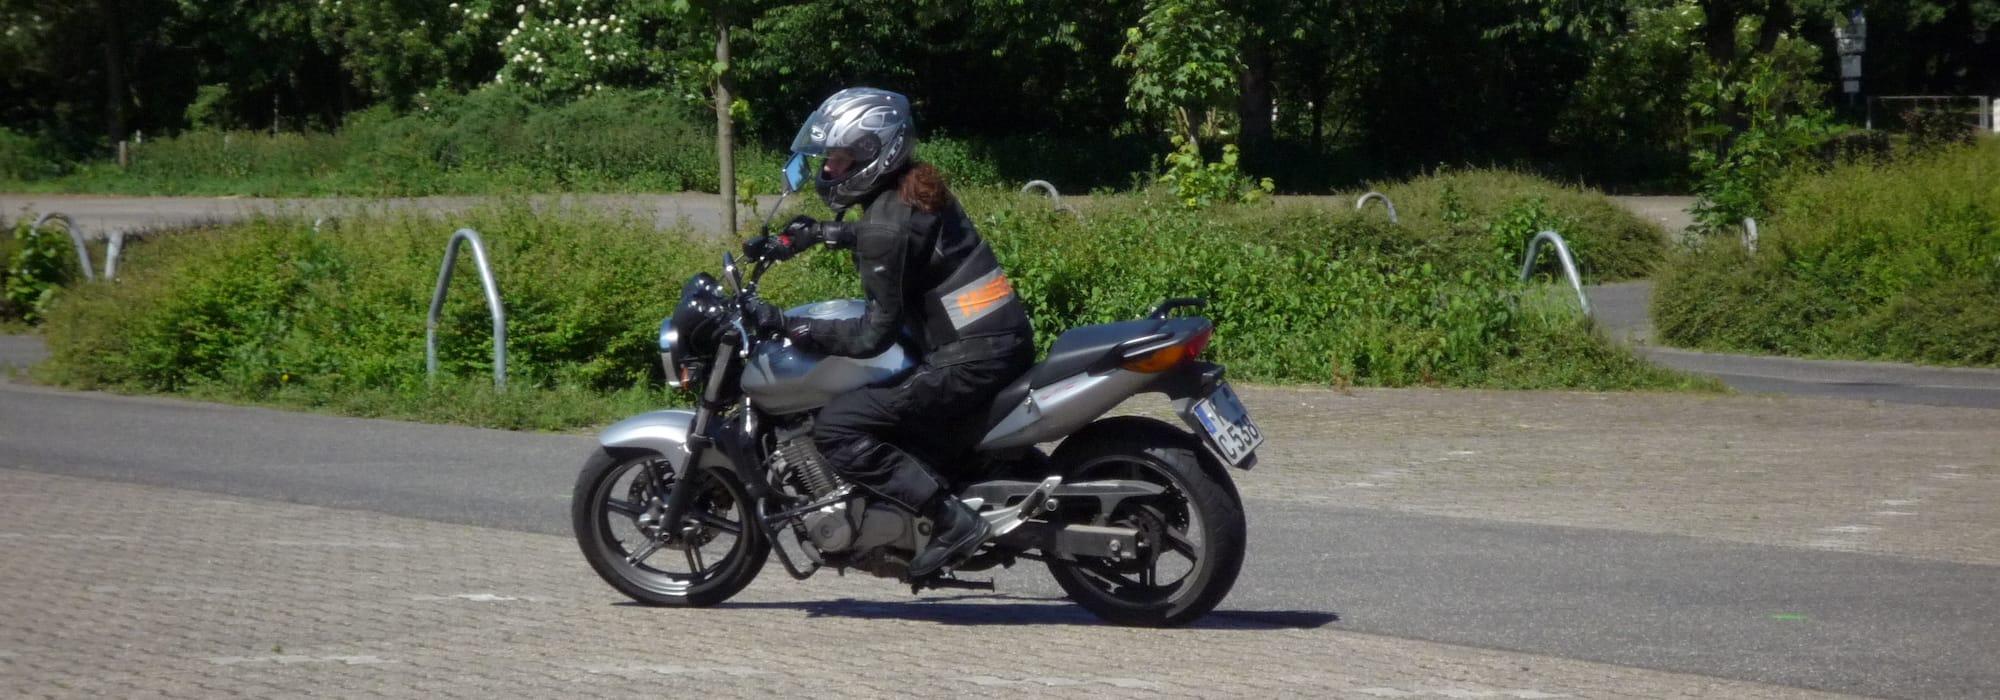 City Fahrschule - Motorrad-Führerschein B196 - Header